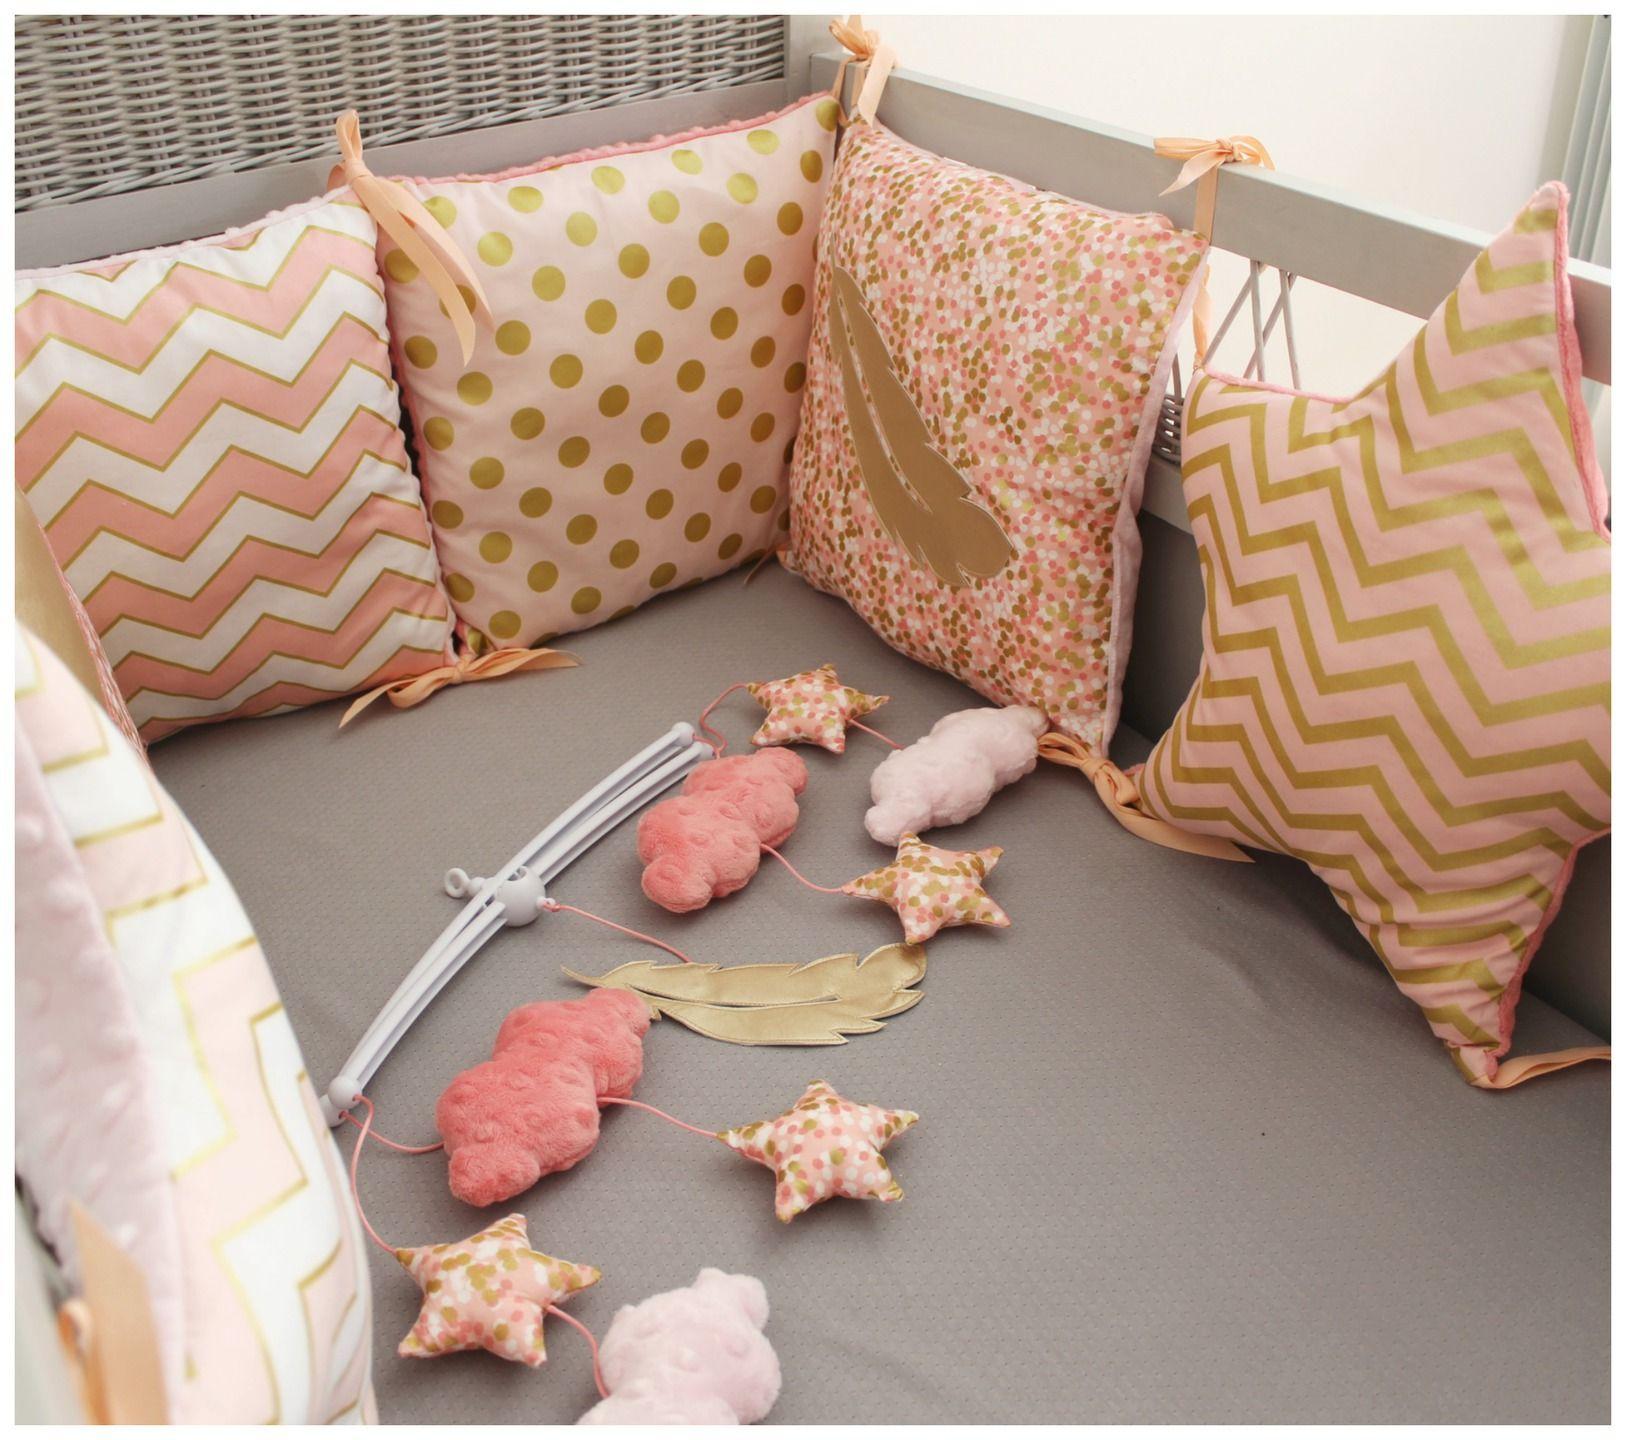 tour de lit toiles et carr s th me plume corail rose pale et dor deco nola pinterest. Black Bedroom Furniture Sets. Home Design Ideas